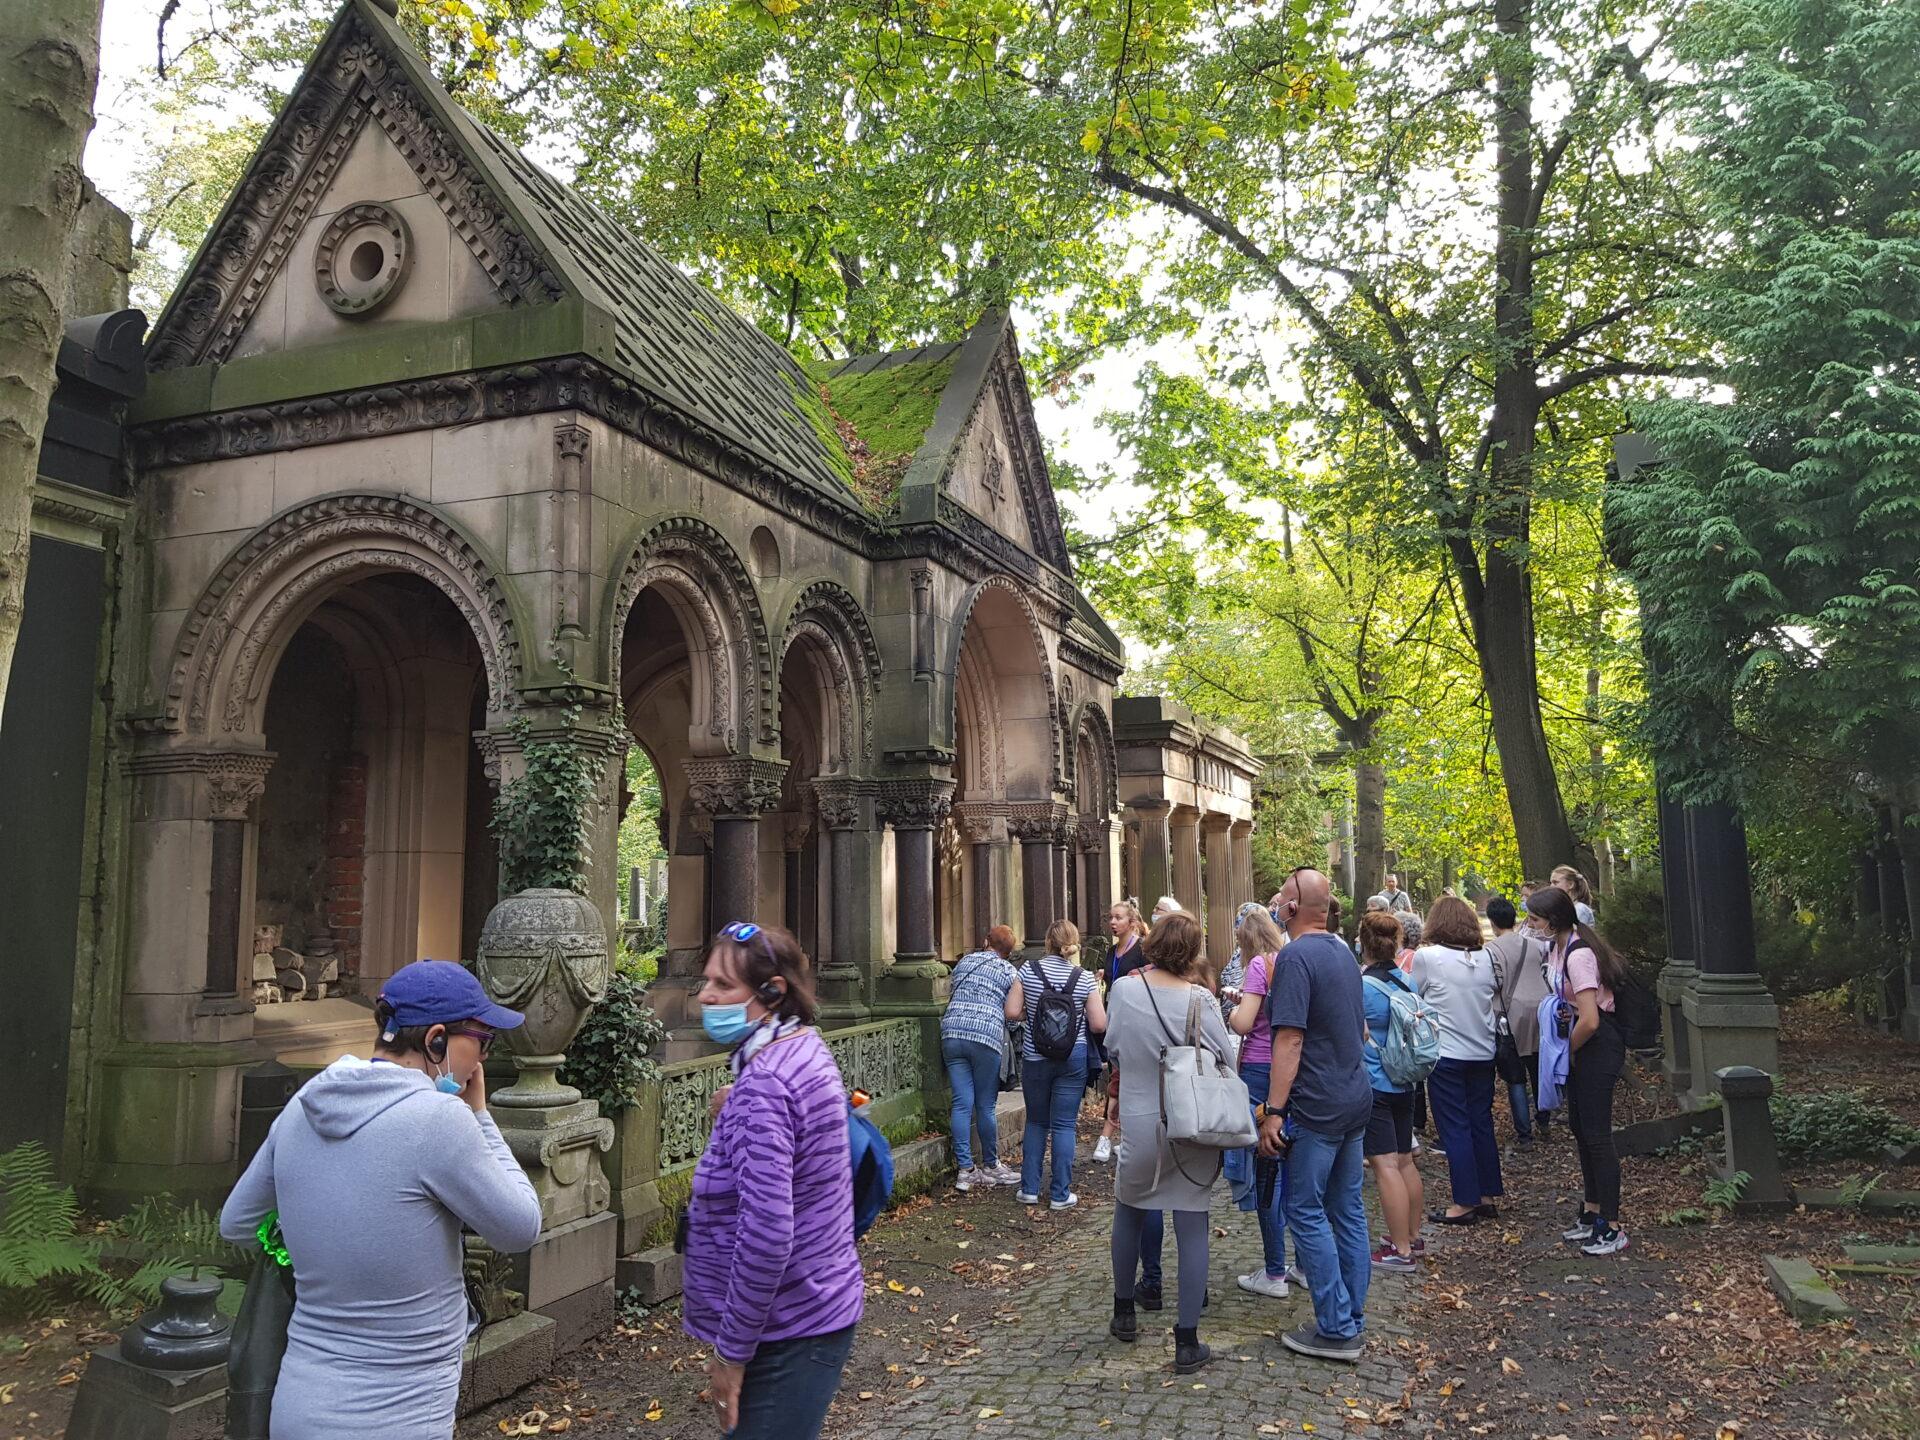 uczestnicy spaceru z audiodeskrypcją po starym cmentarzu żydowskim we Wrocławiu